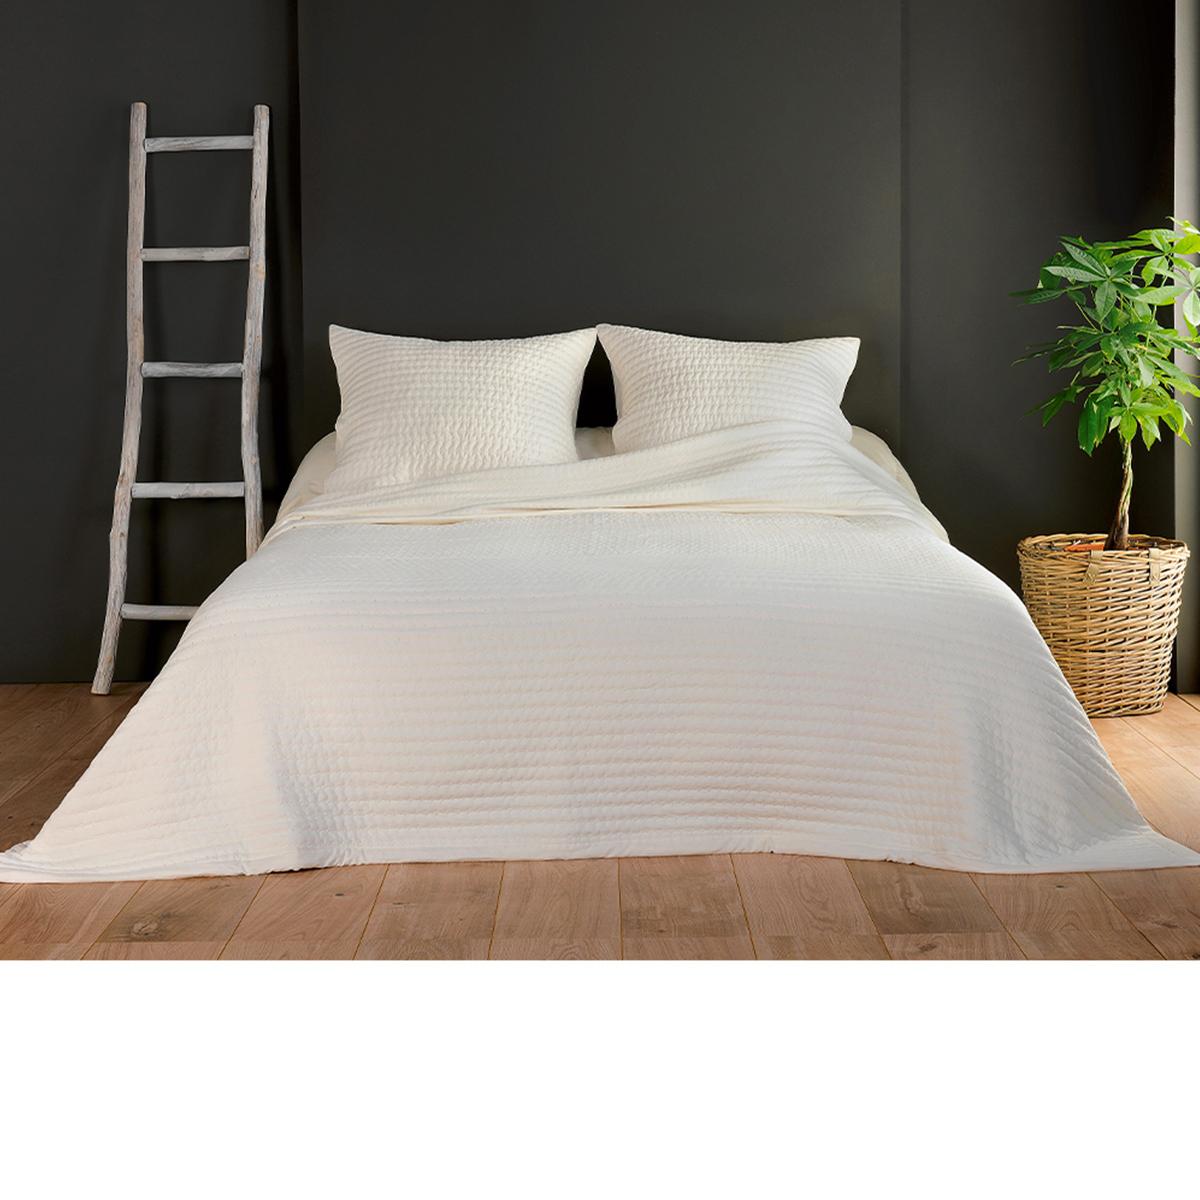 Couvre lit et taies unis matelassés - Ecru - 180 x 240 cm